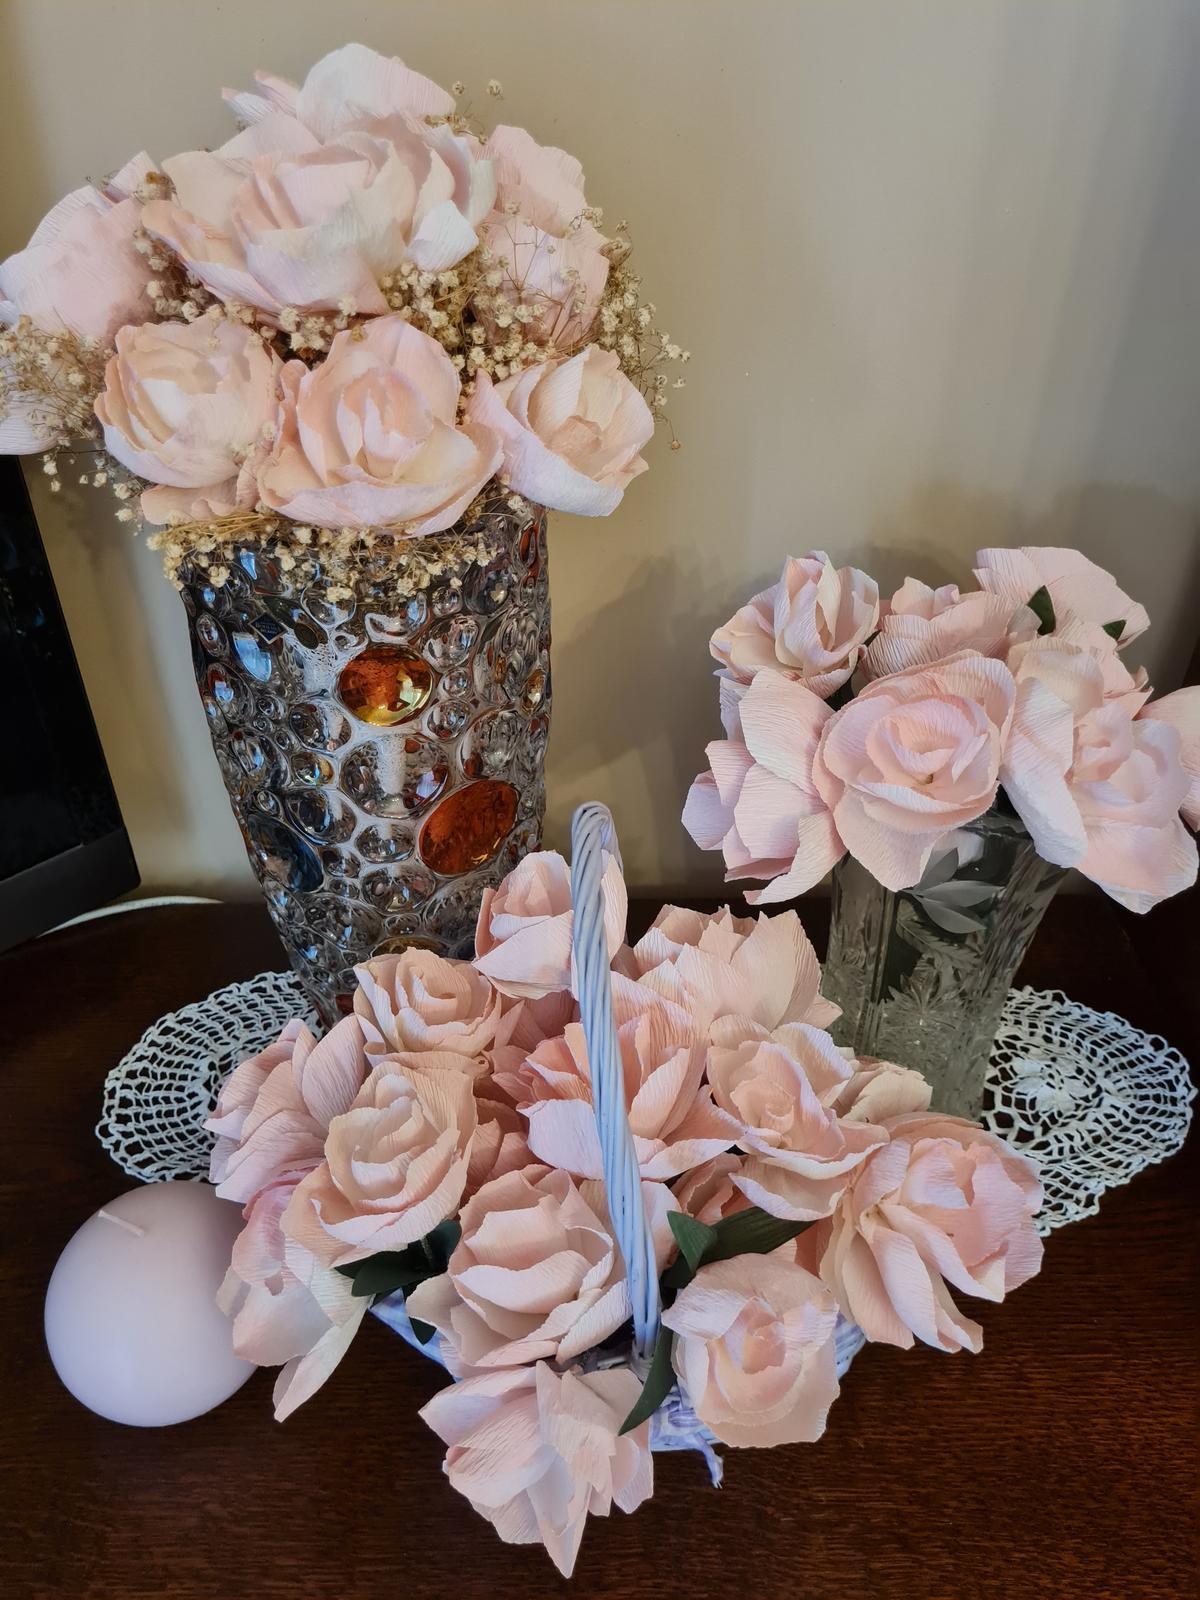 svadobná výzdoba-kvety - Obrázok č. 1